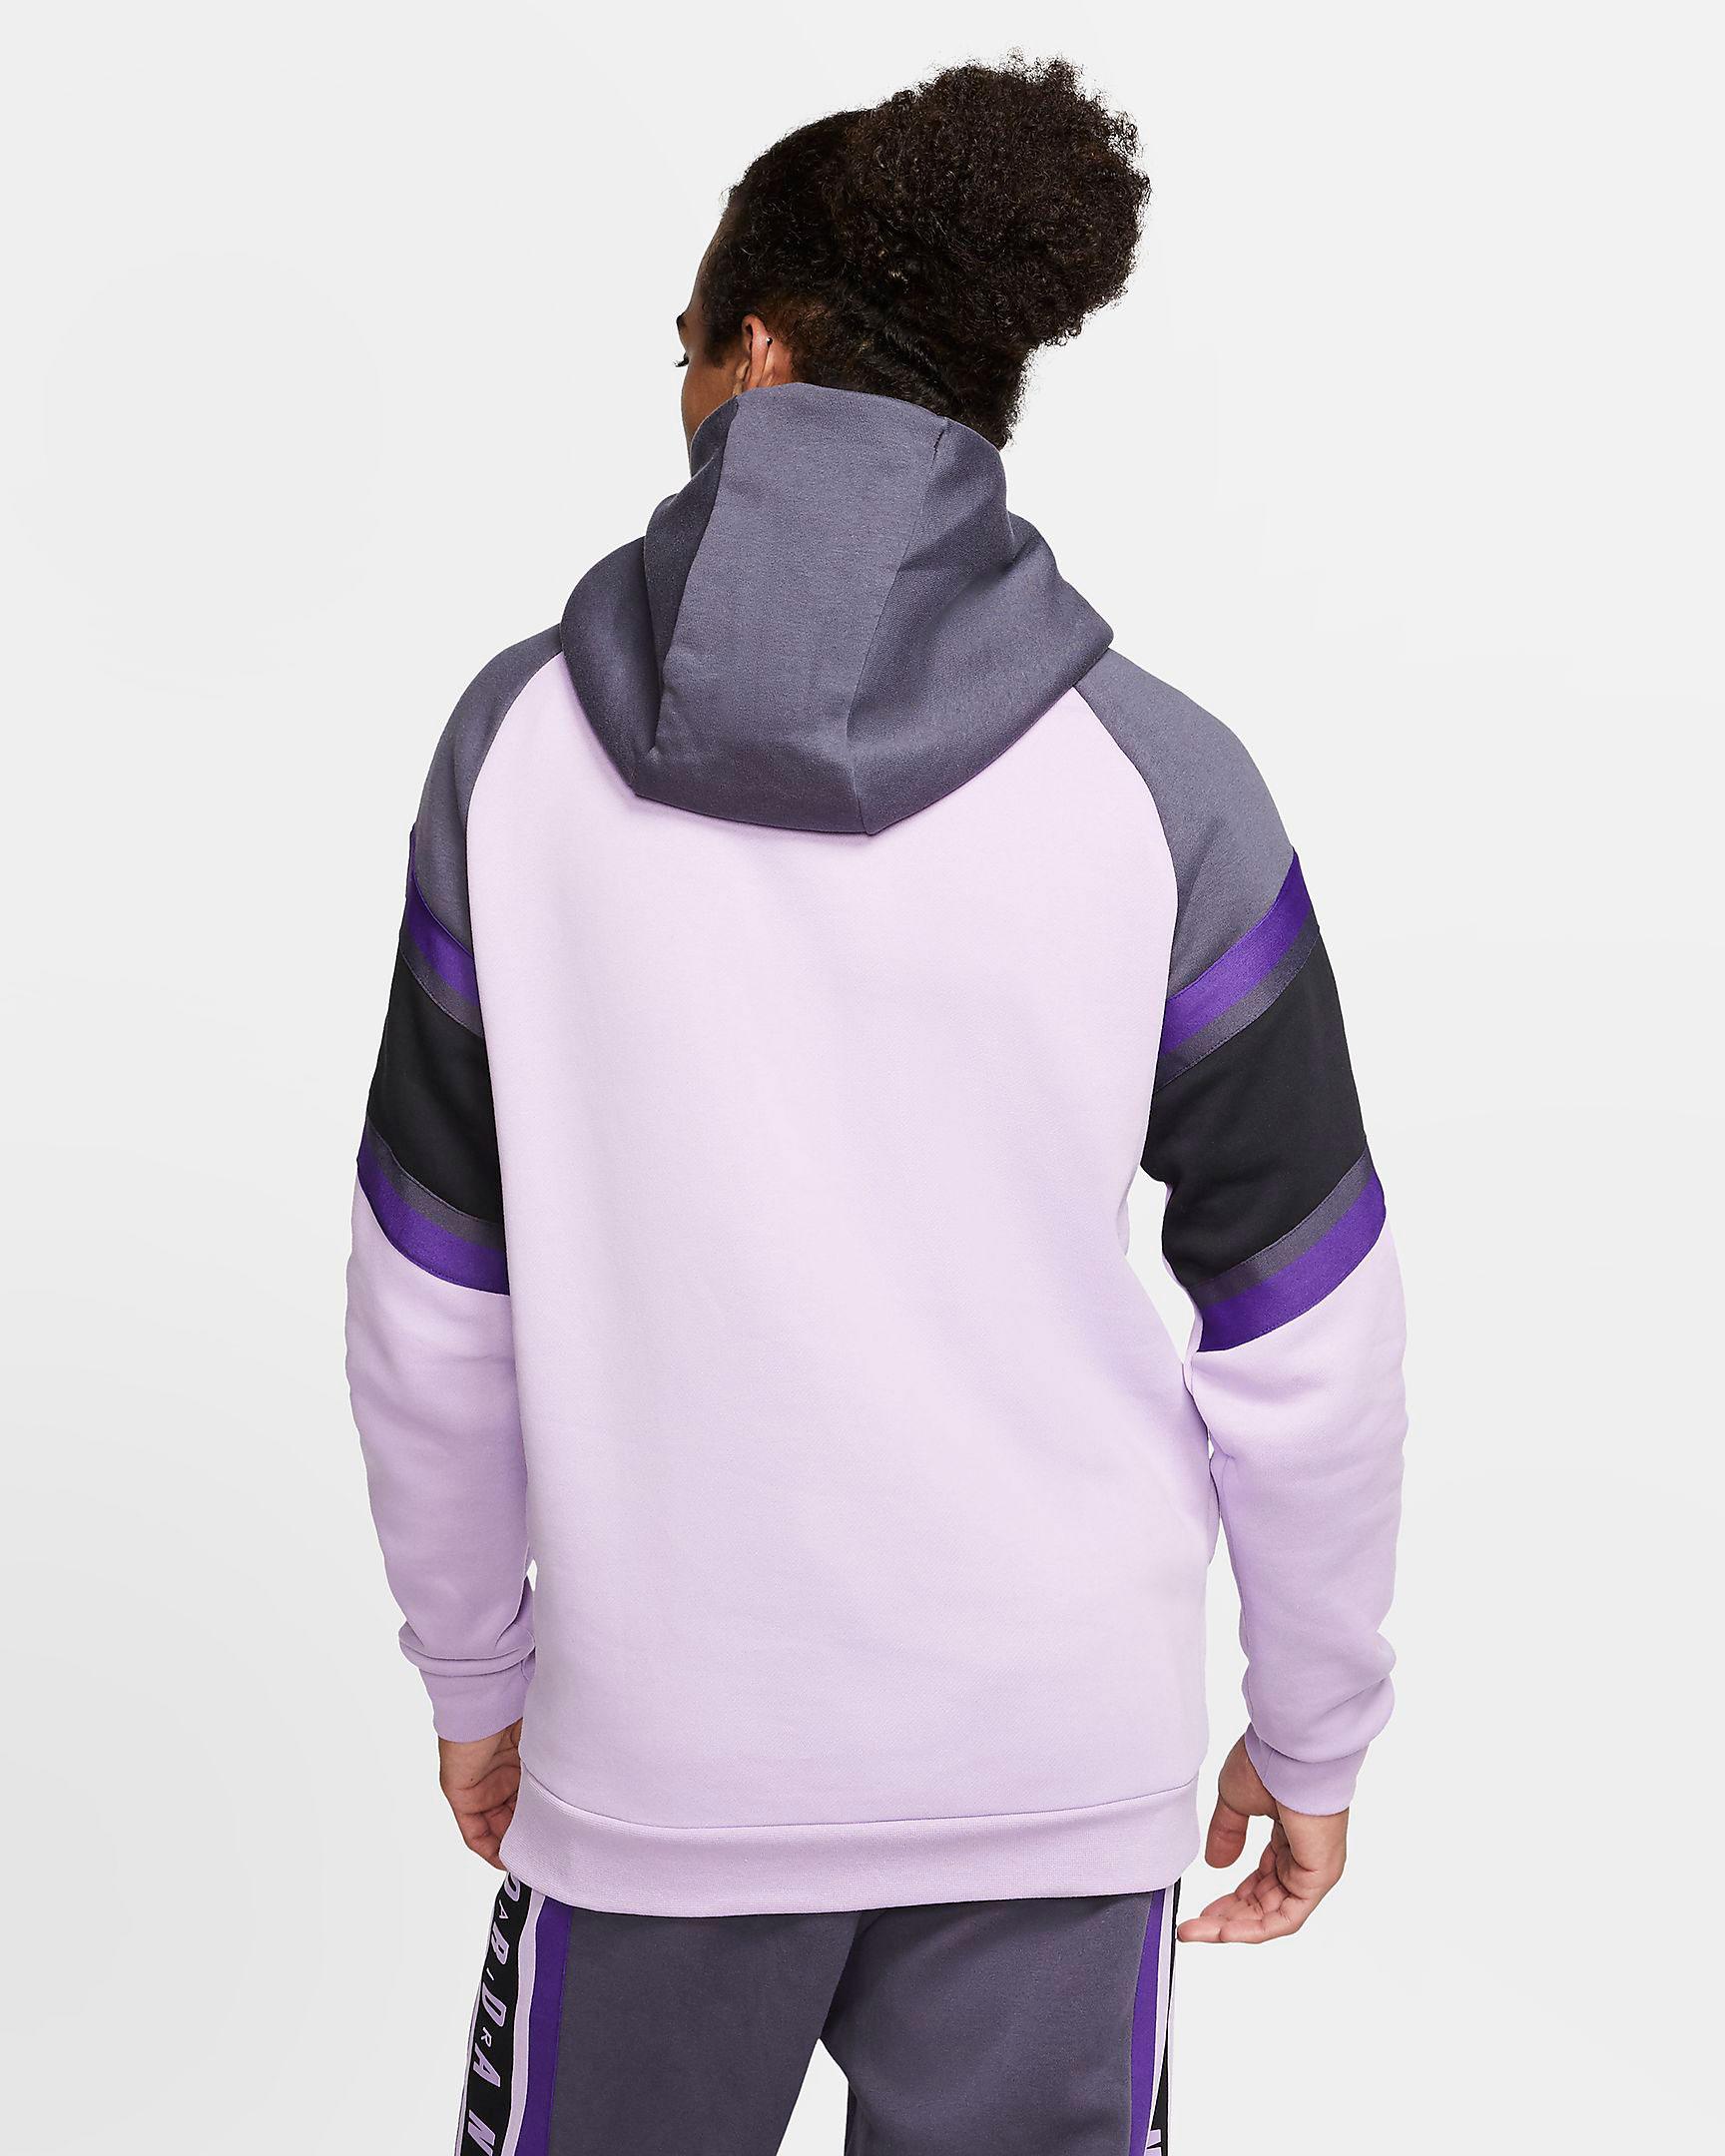 air-jordan-4-metallic-purple-hoodie-match-2